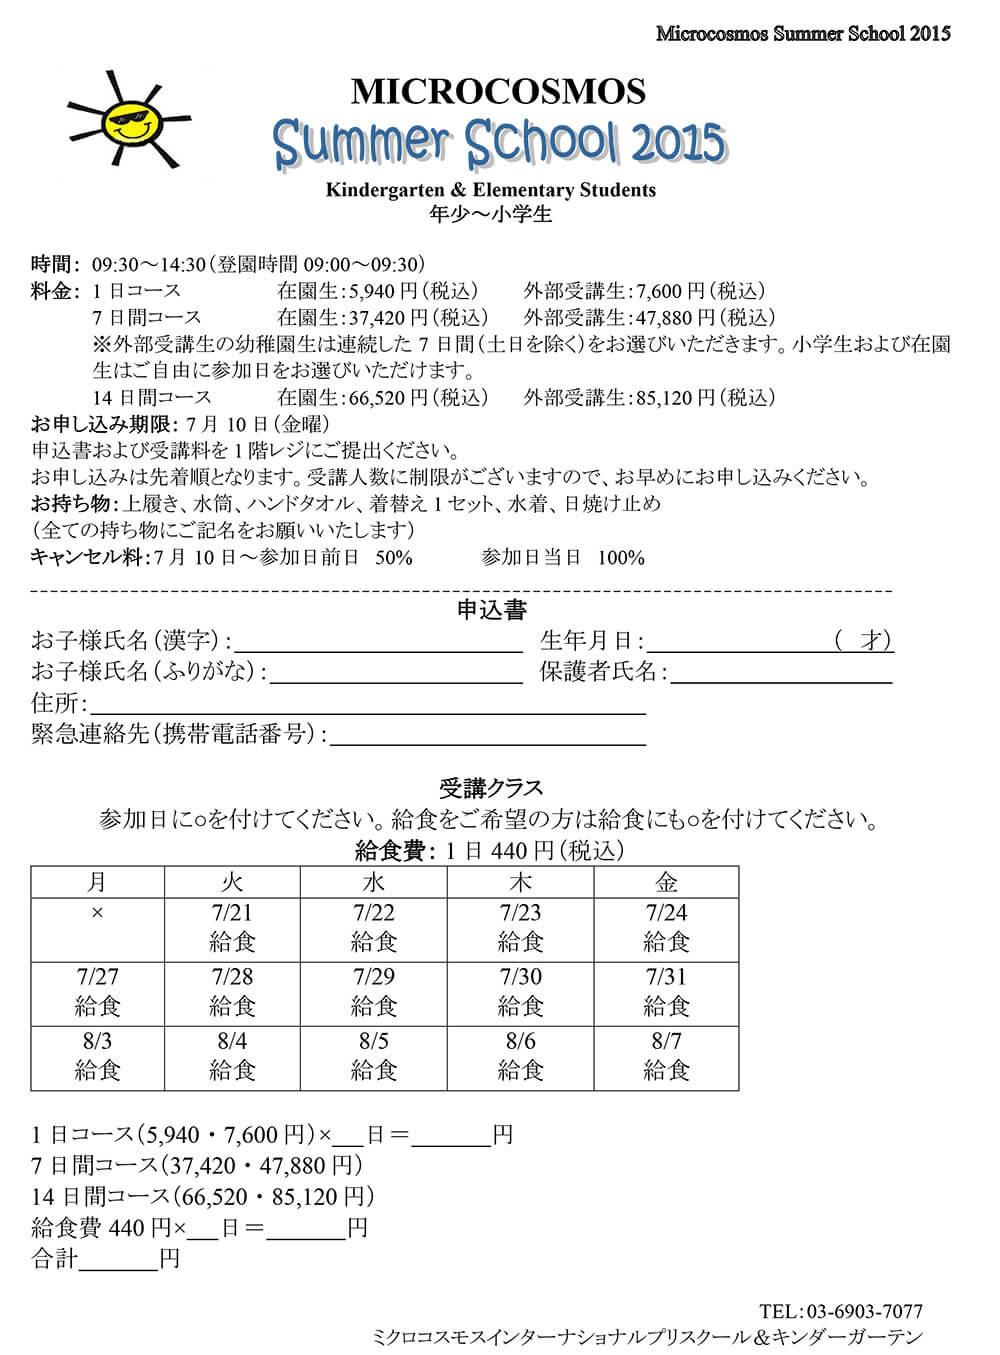 サマースクール申込書をダウンロード